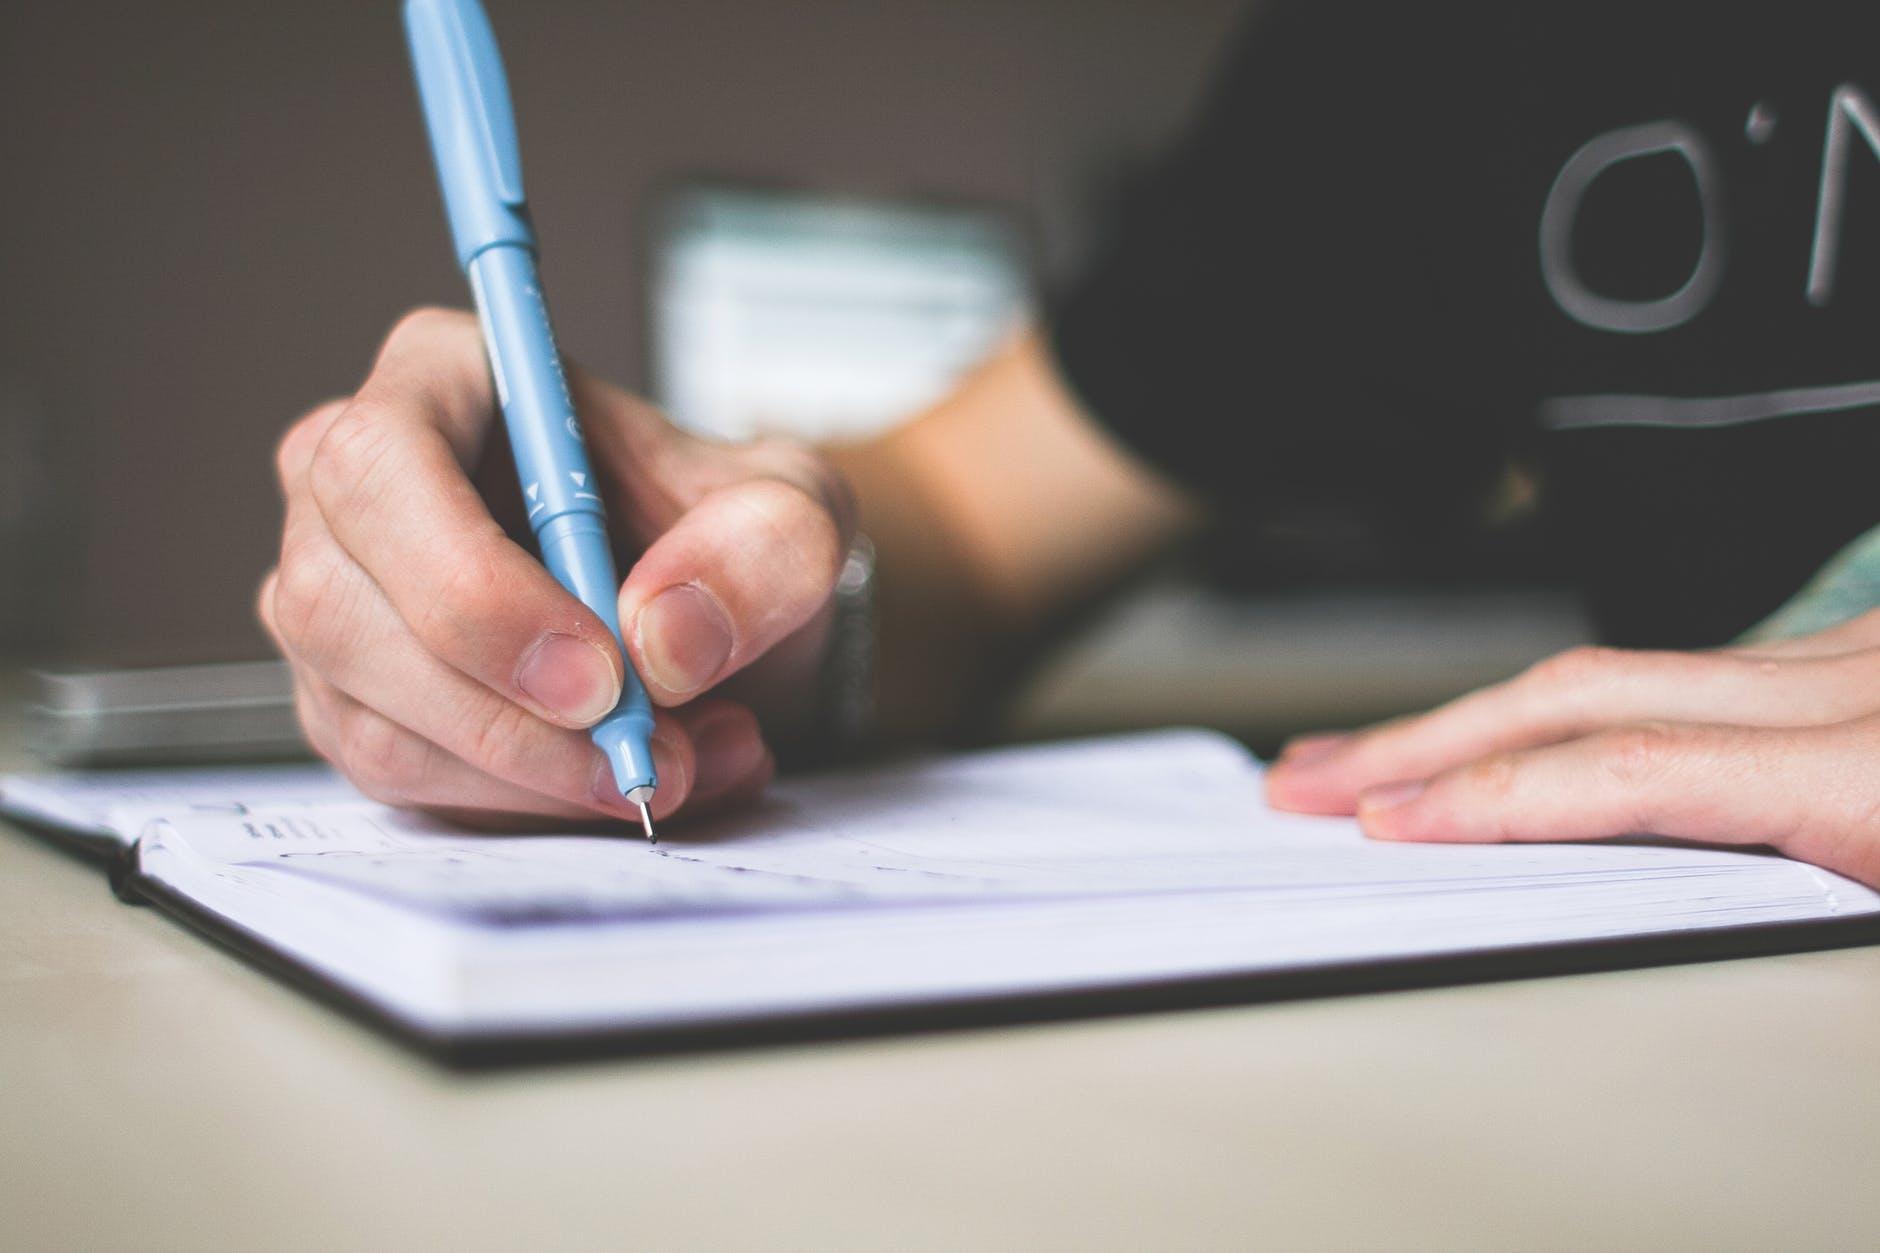 escribe tu lista